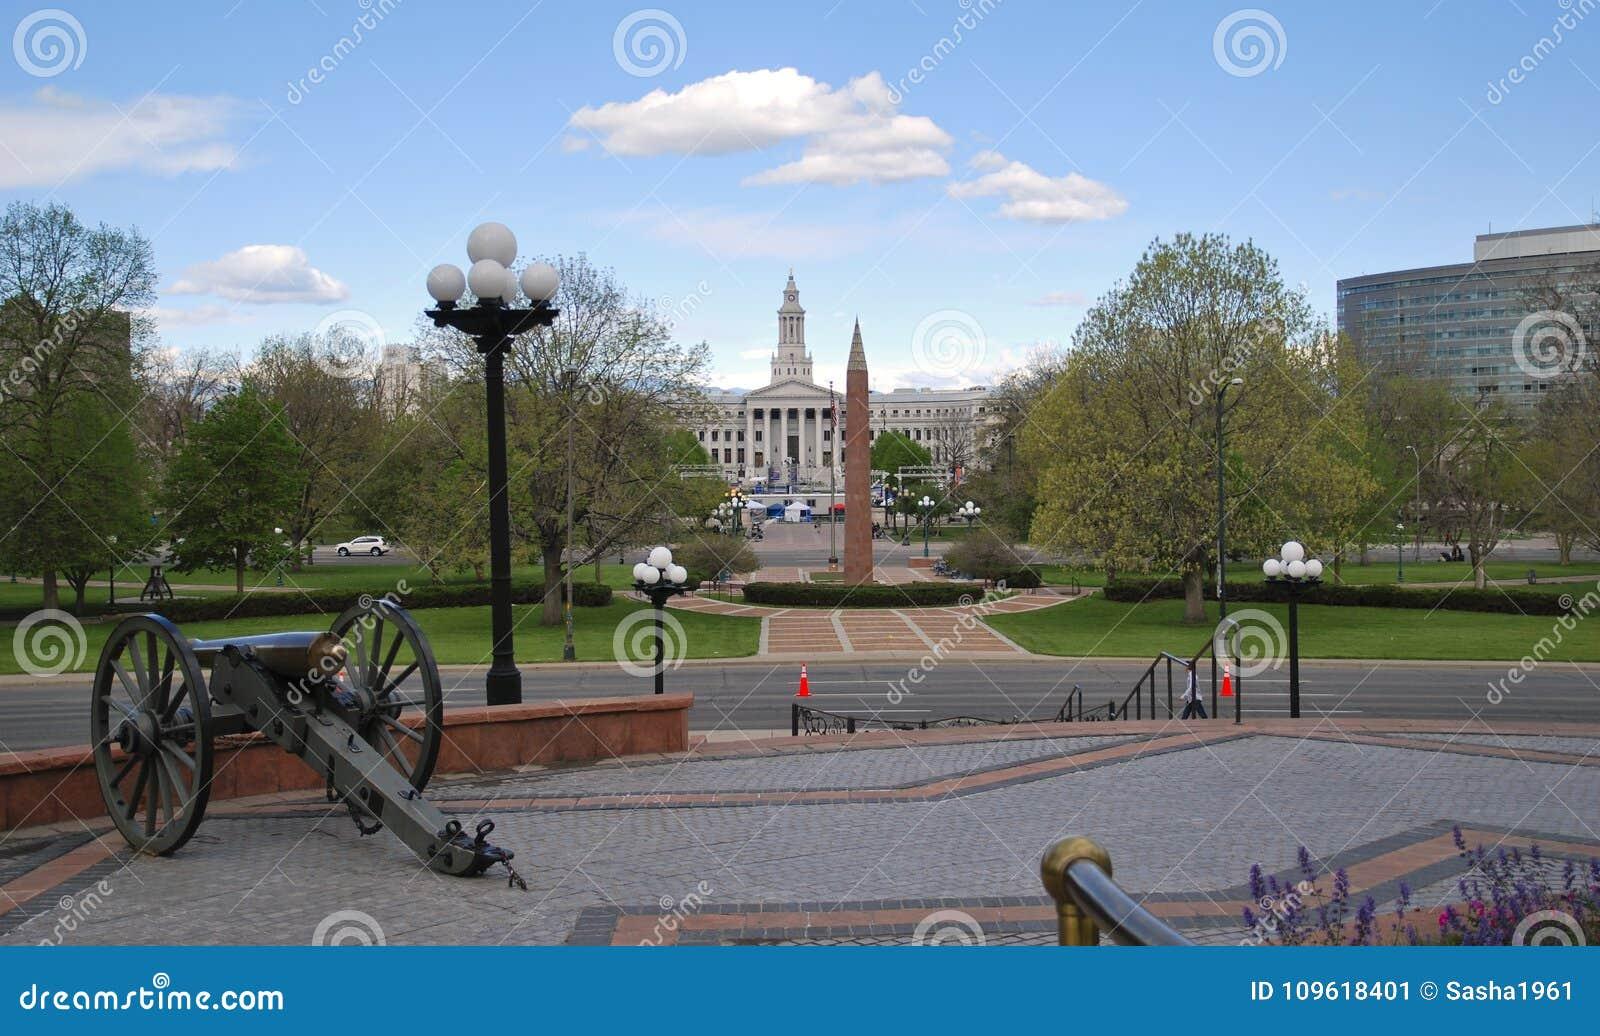 Большой карамболь перед зданием капитолия Денвер, Соединенные Штаты